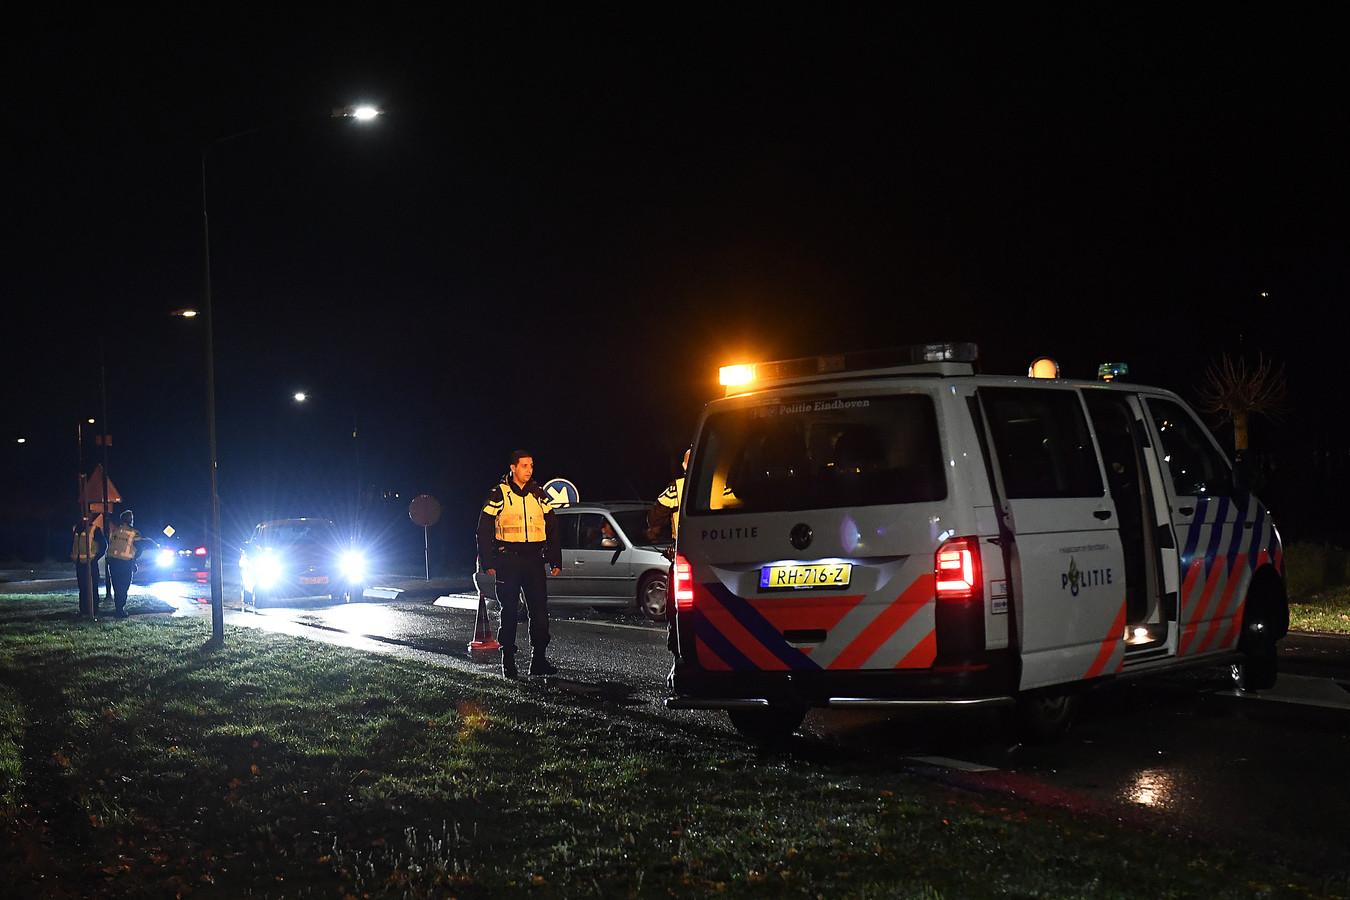 De Raamweg richting Katwijk was gebarricadeerd. Je mag er zonder reden niet in. Ook bij Linden staat politie.